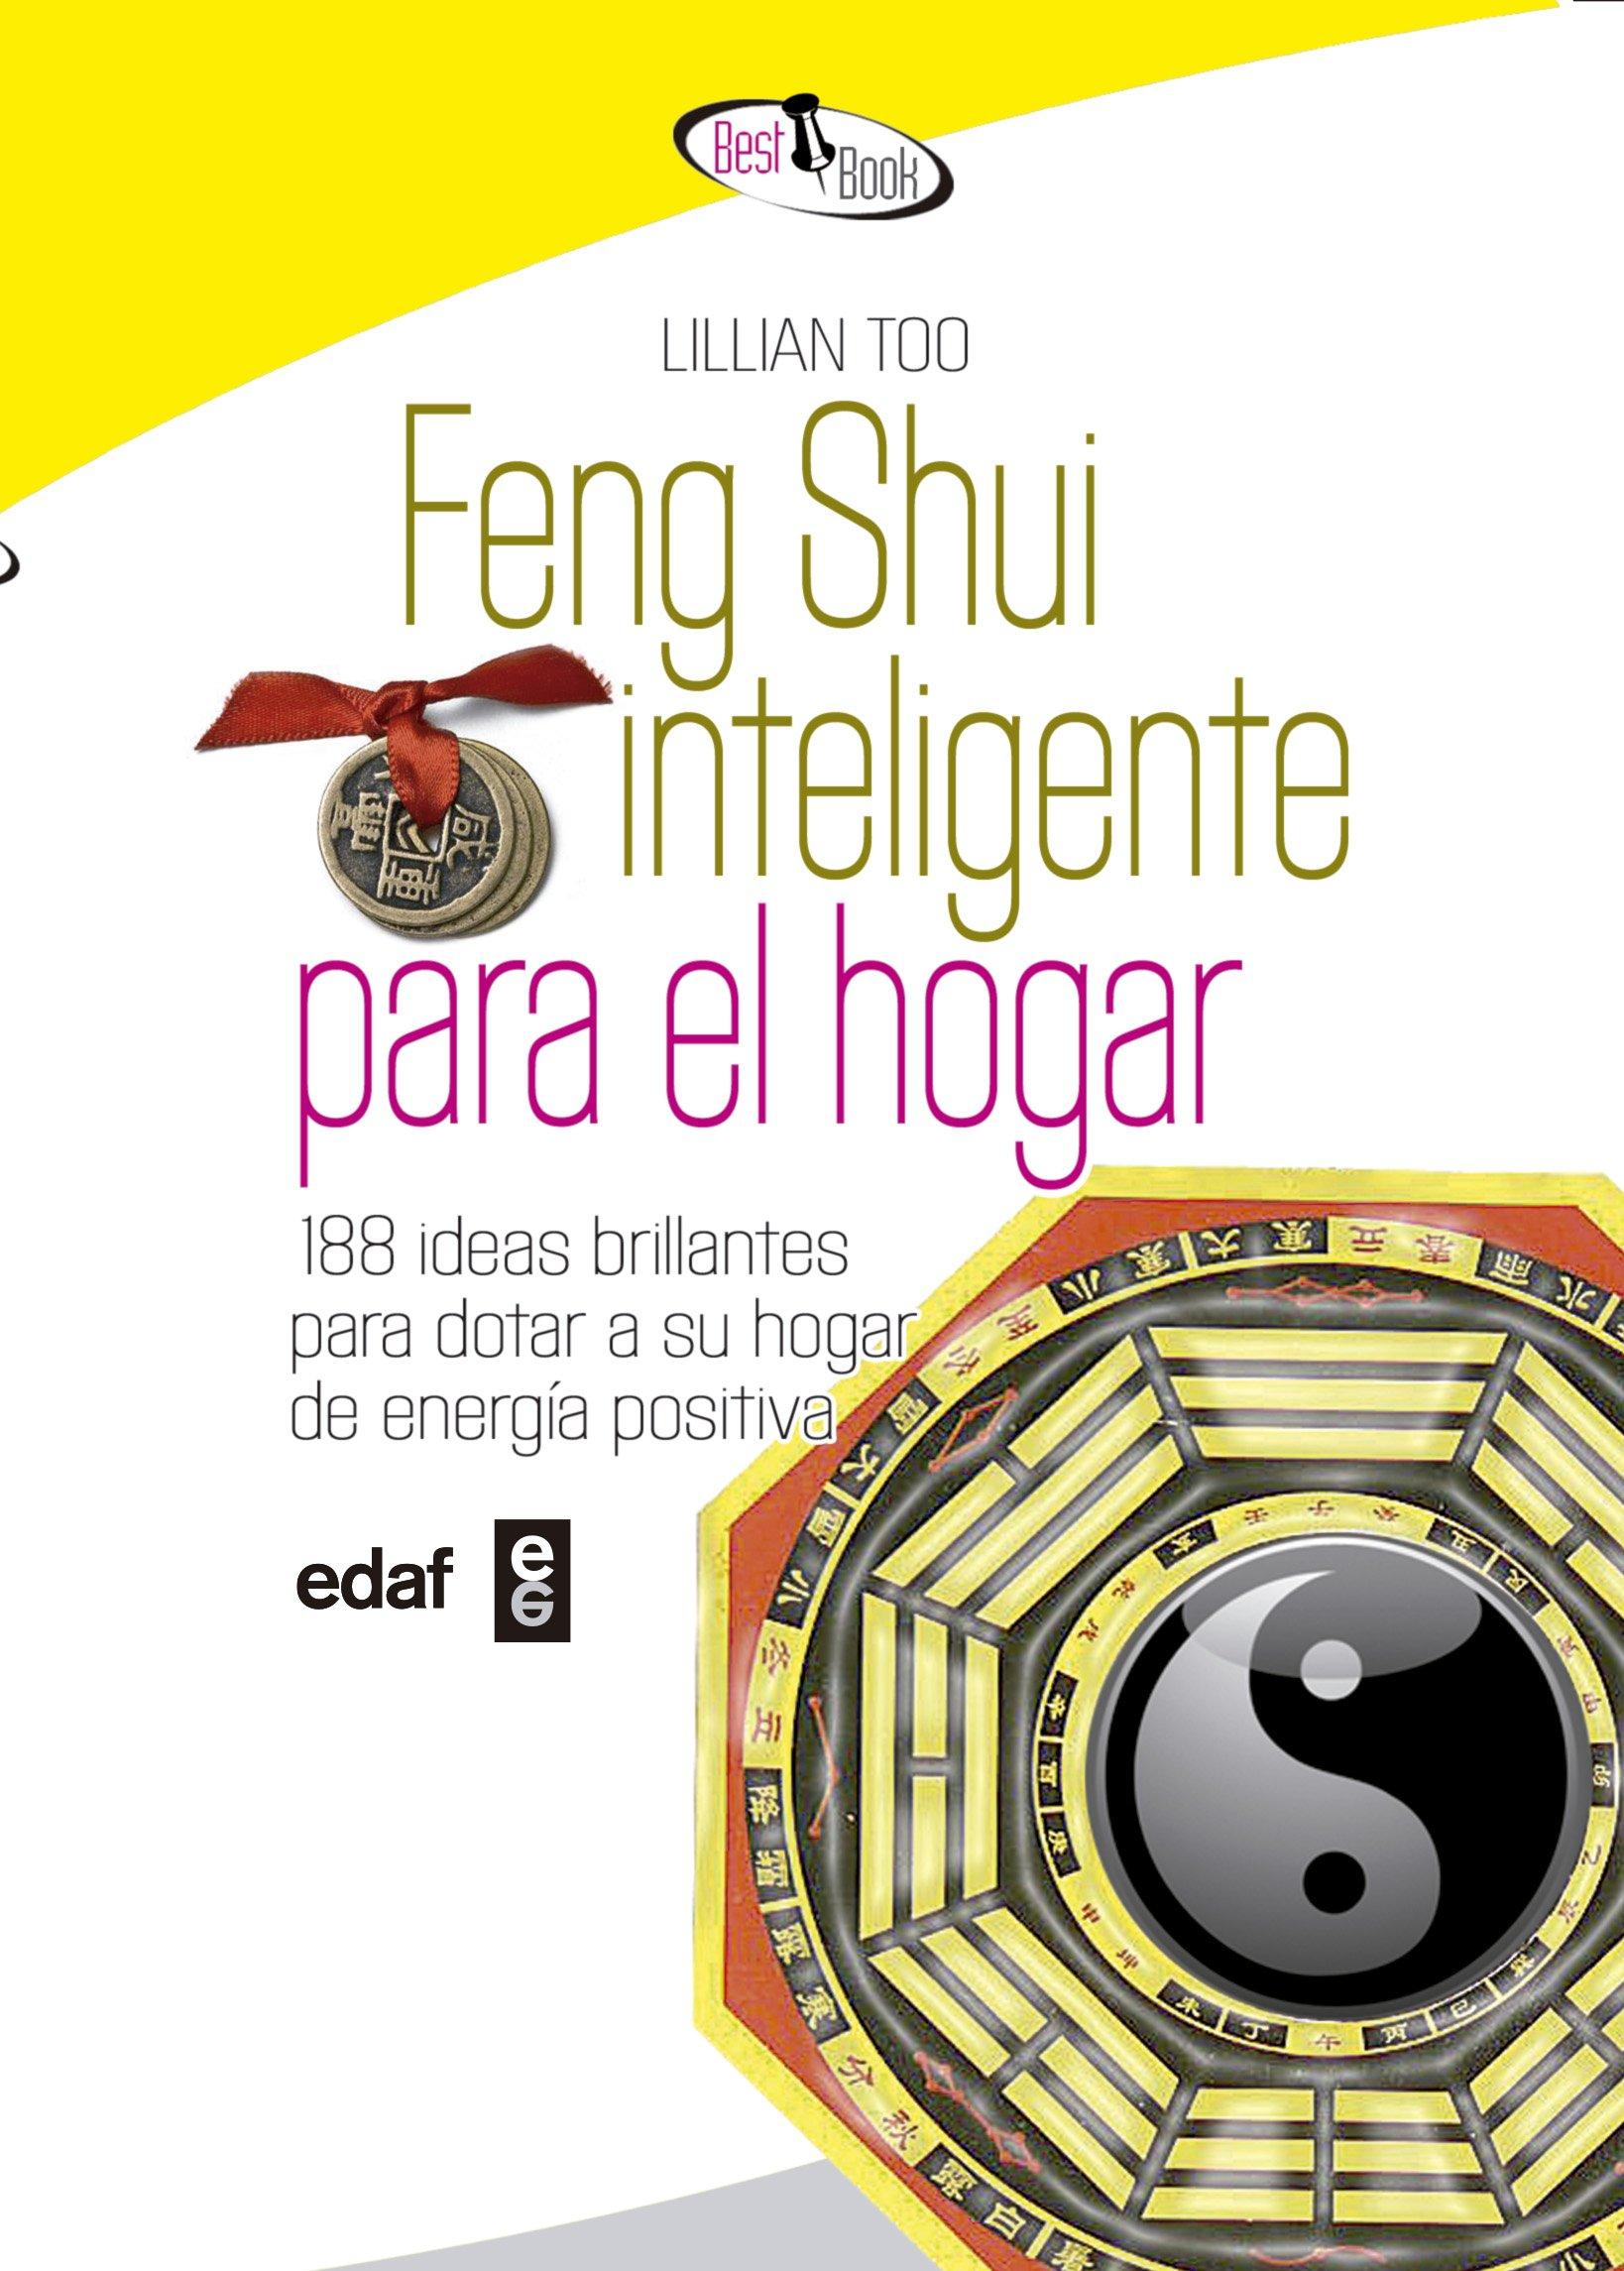 Feng Shui Inteligente Para El Hogar (Best Book) Tapa blanda – 16 may 2011 Lillian Too Alejandro Pareja Rodríguez Edaf 8441421358